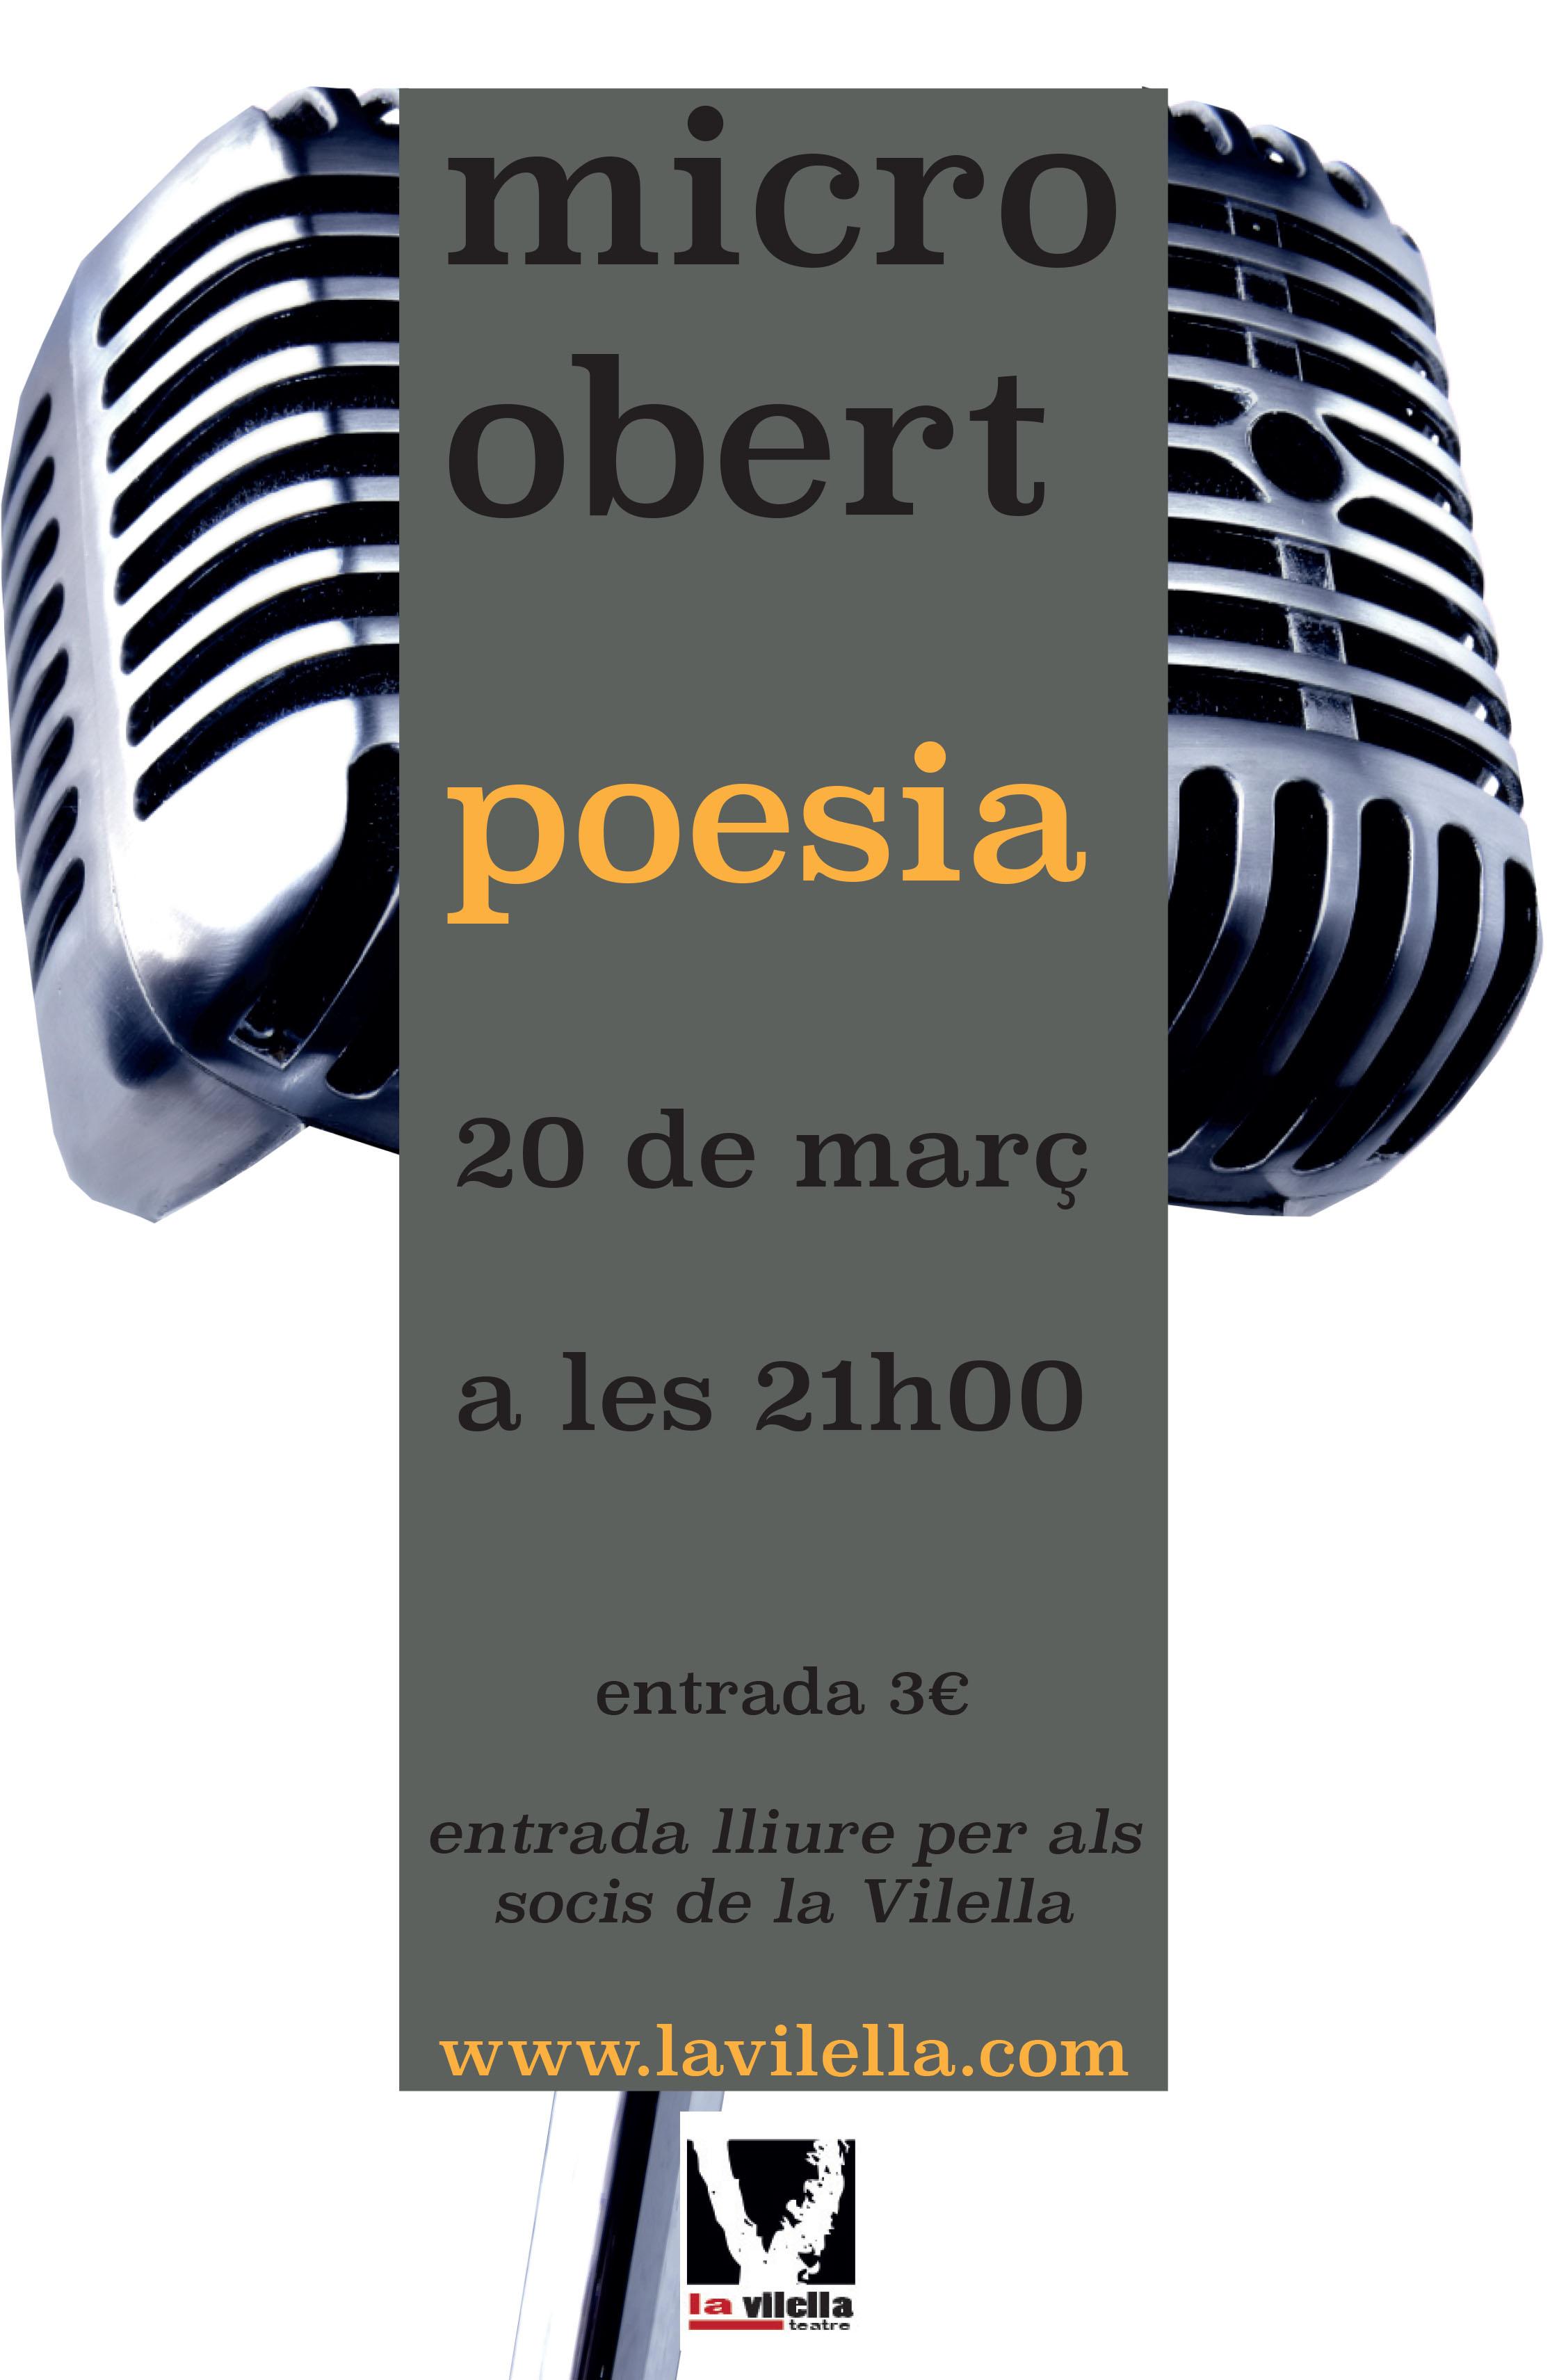 micro obert de poesia a la Vilella